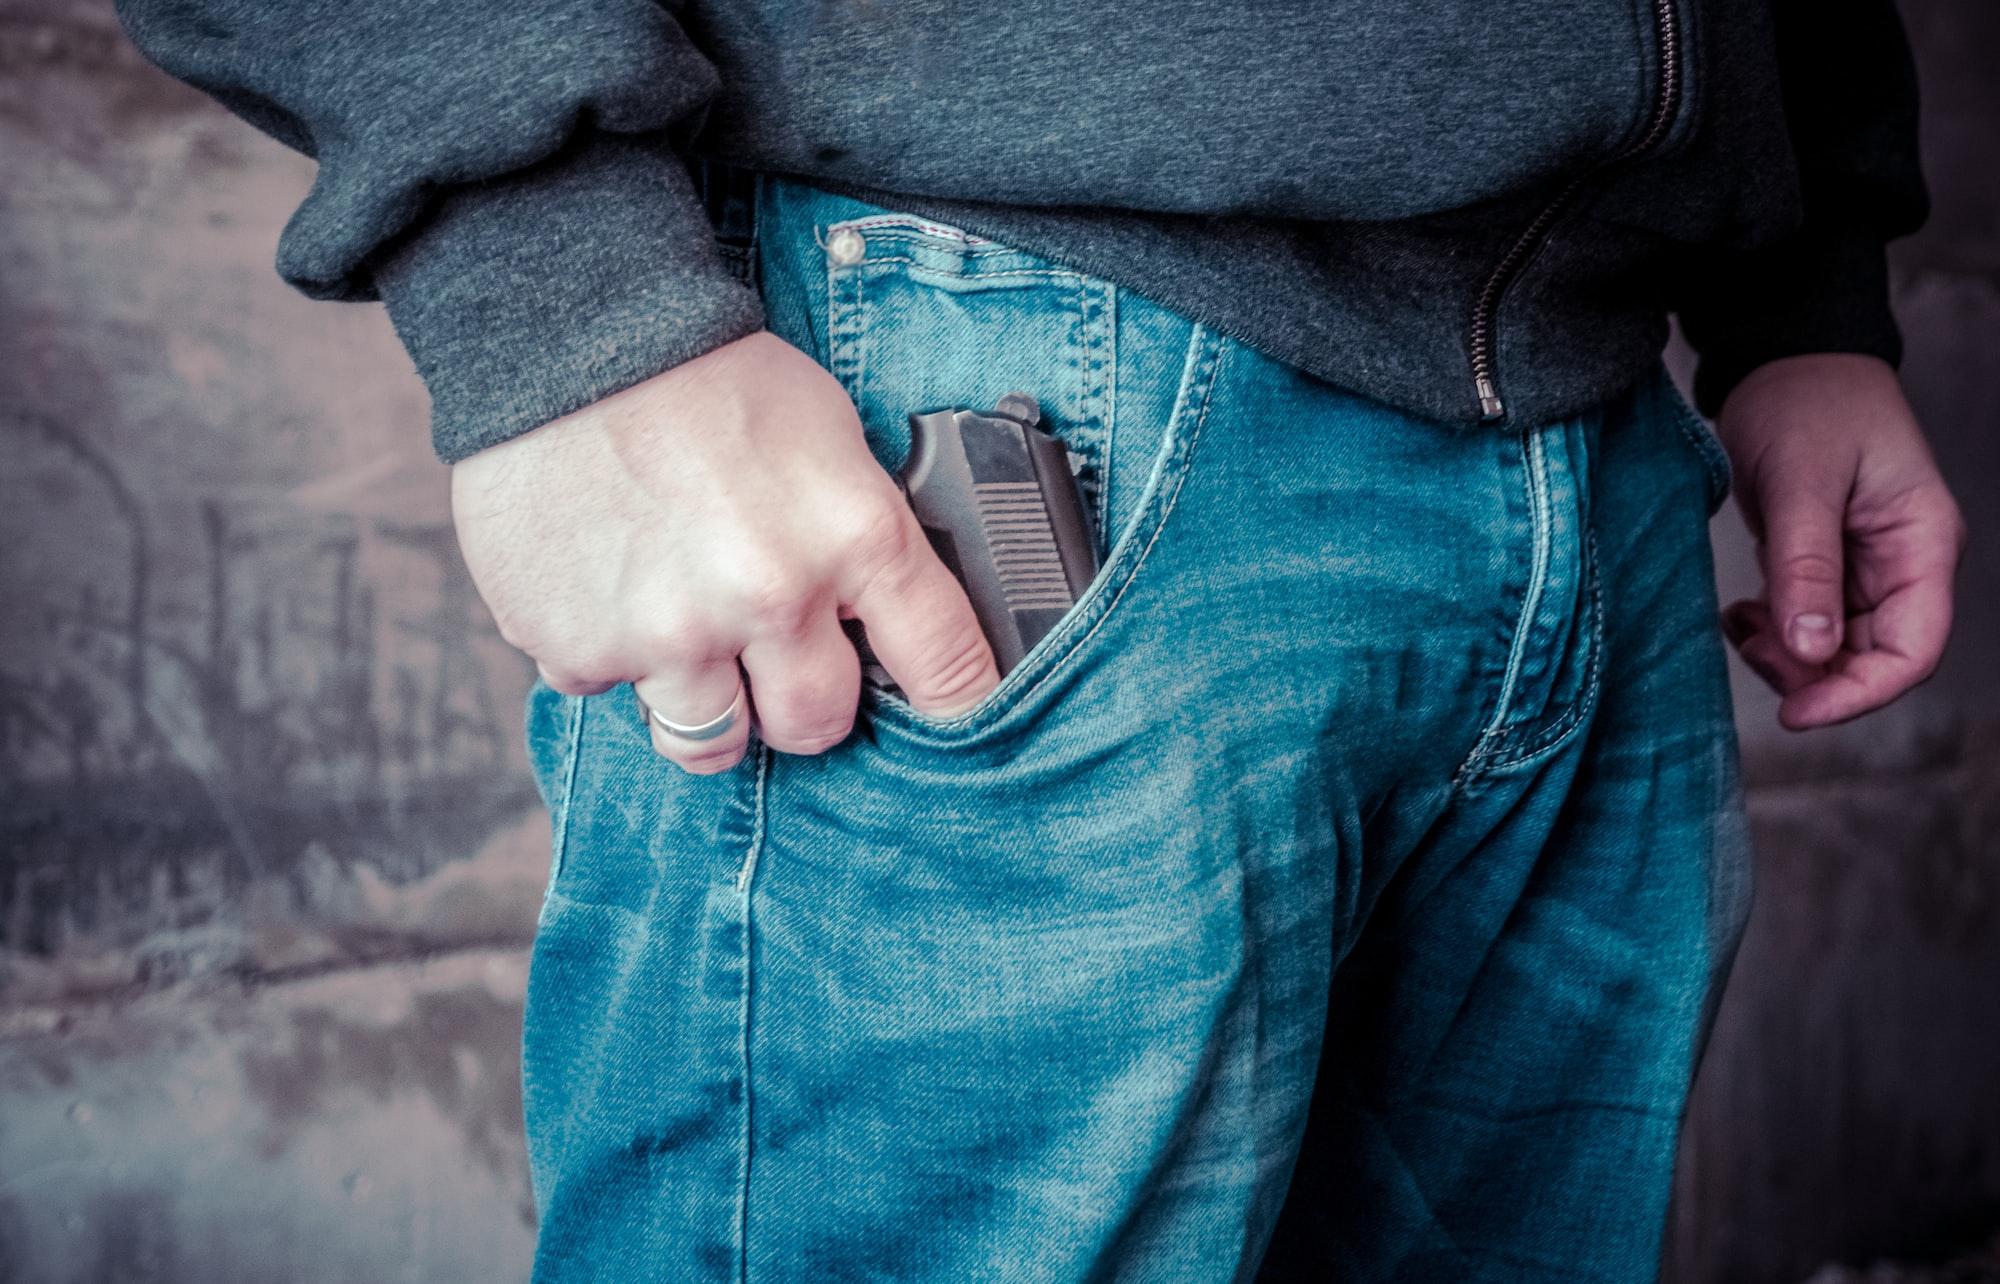 Terrorist thief man holding short gun in his hand